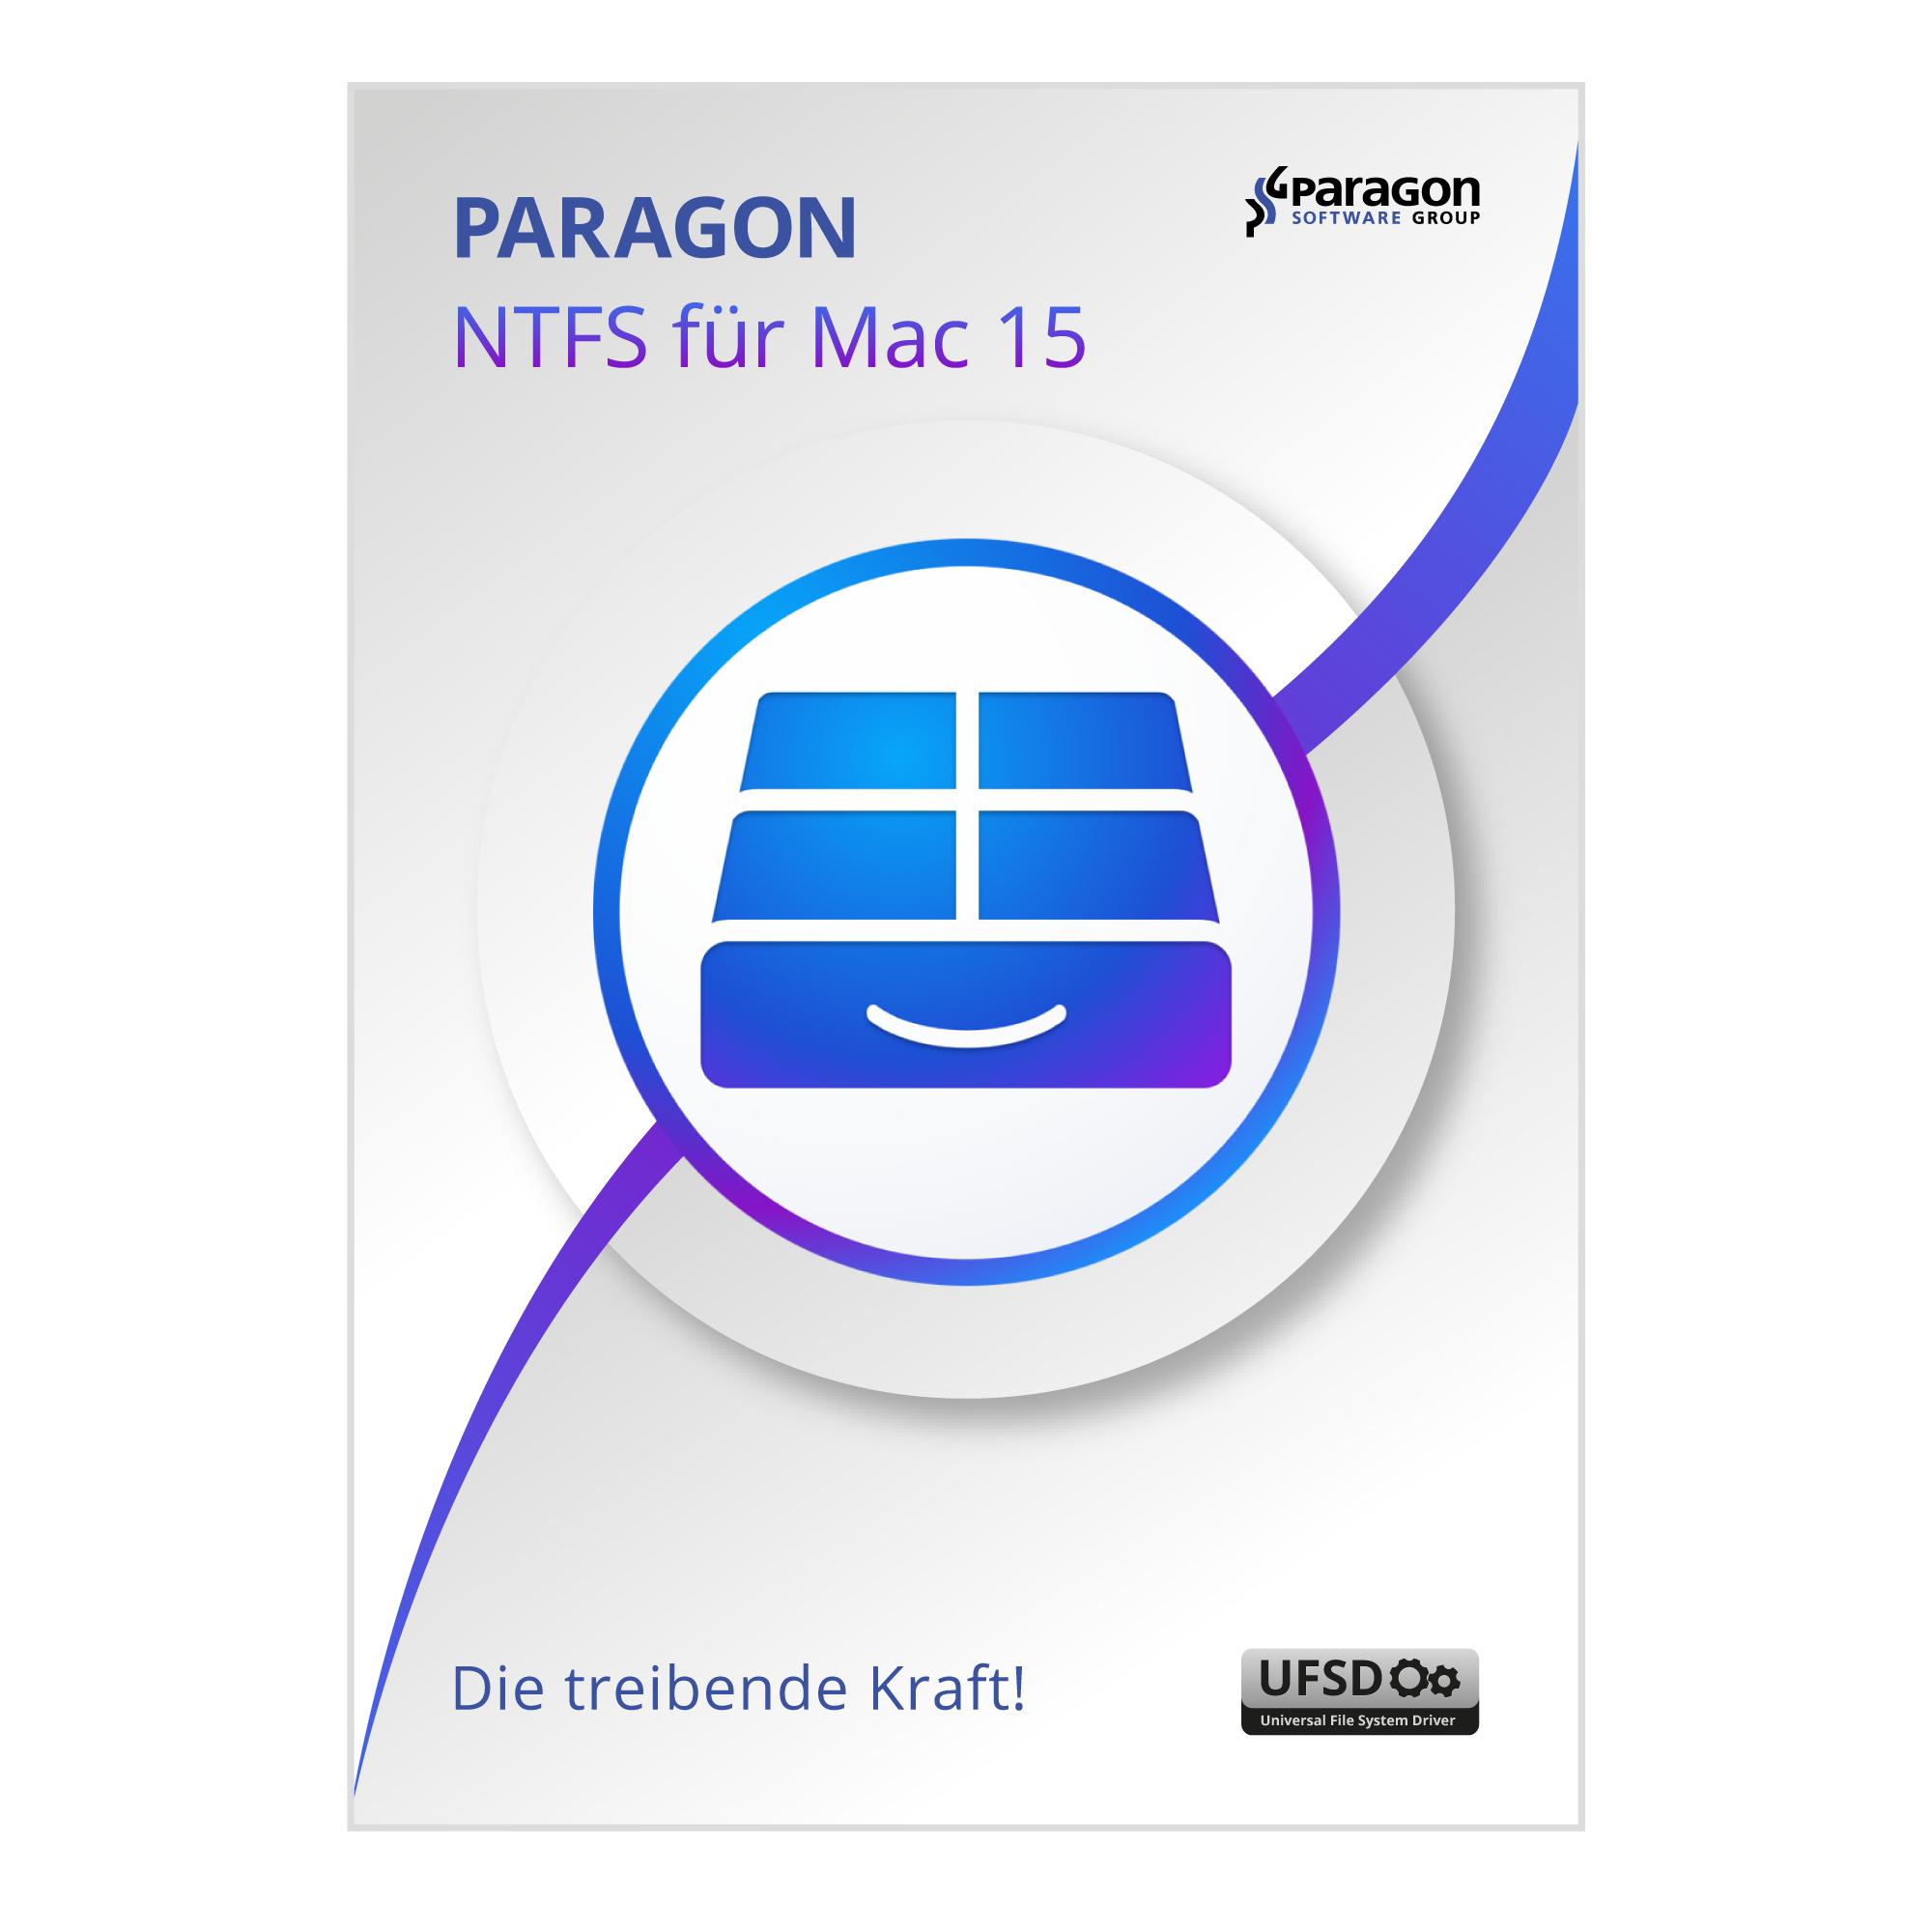 PARAGON NTFS FOR MAC 15 (Deutsch, Englisch, Französisch, Italienisch, Spanisch) [Download]